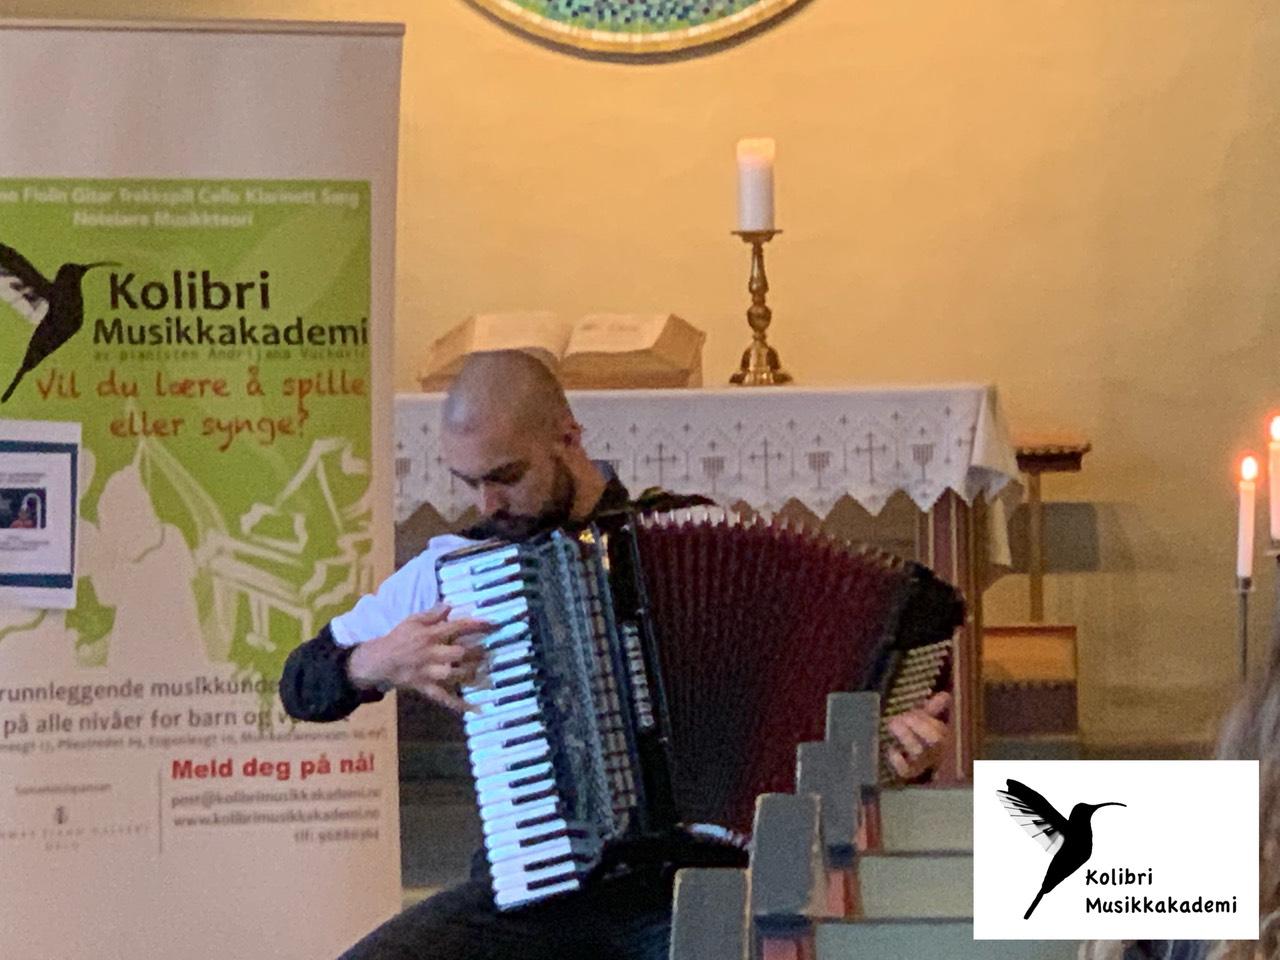 Oslo Kulturnatt trekkspill konsert trekkspillærer Oslo lære å spille trekkspill Oslo